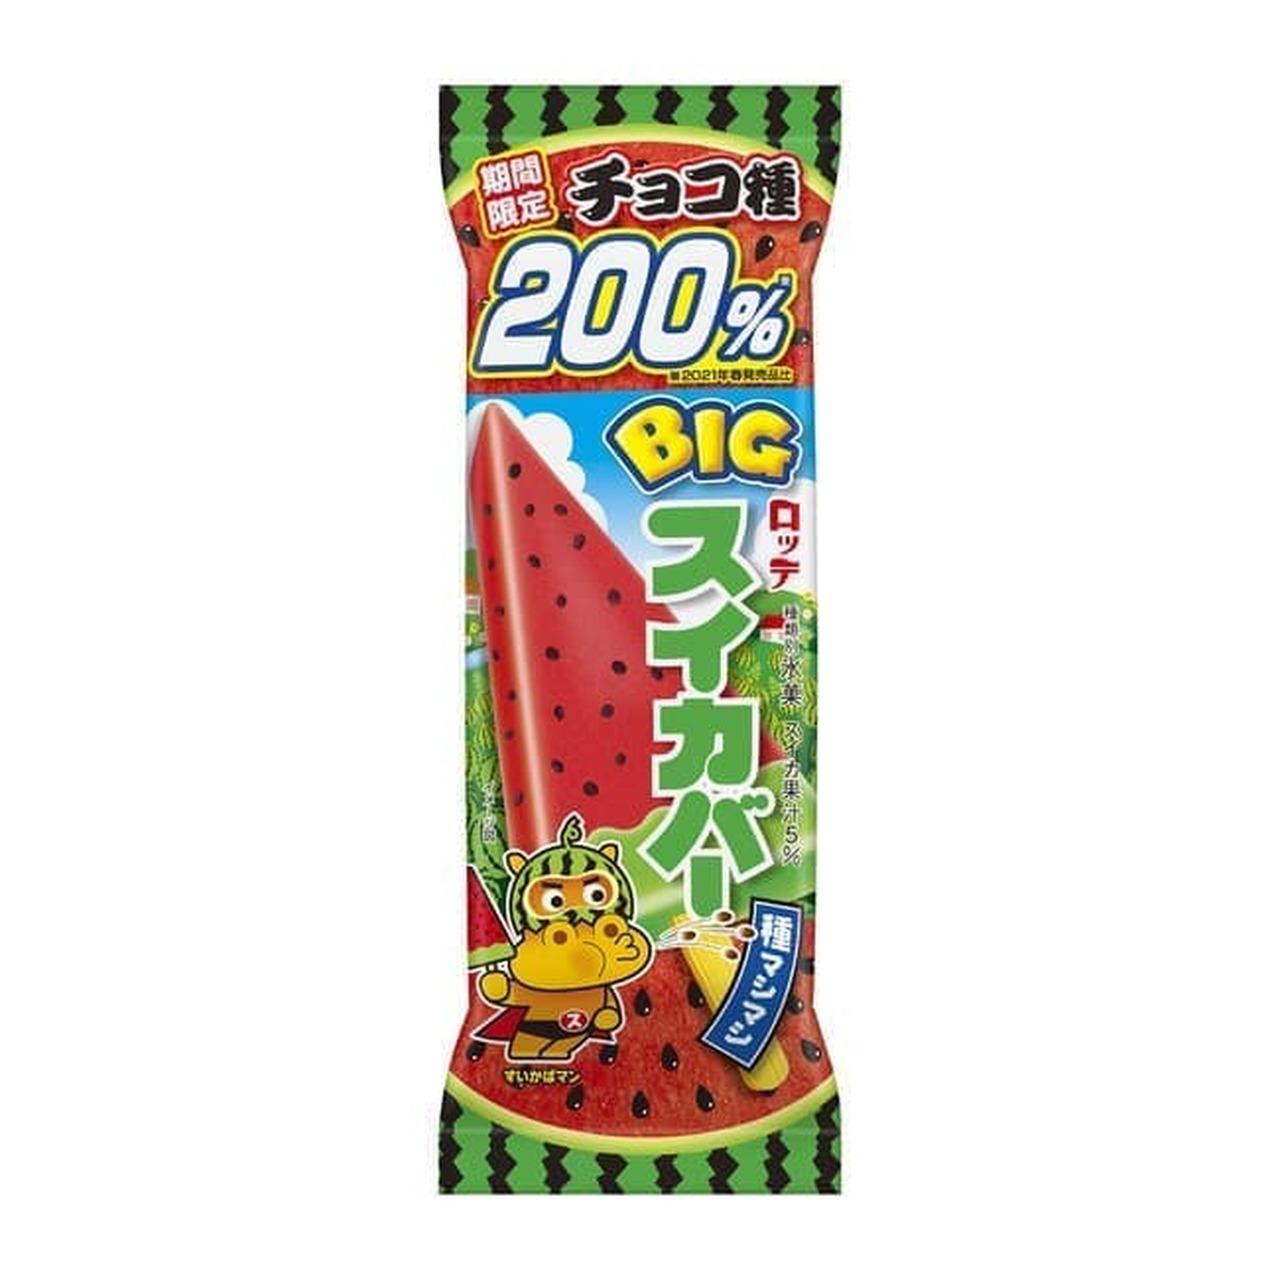 「BIGスイカバー(チョコ種200%)」チョコ種2倍でサクサク感アップ